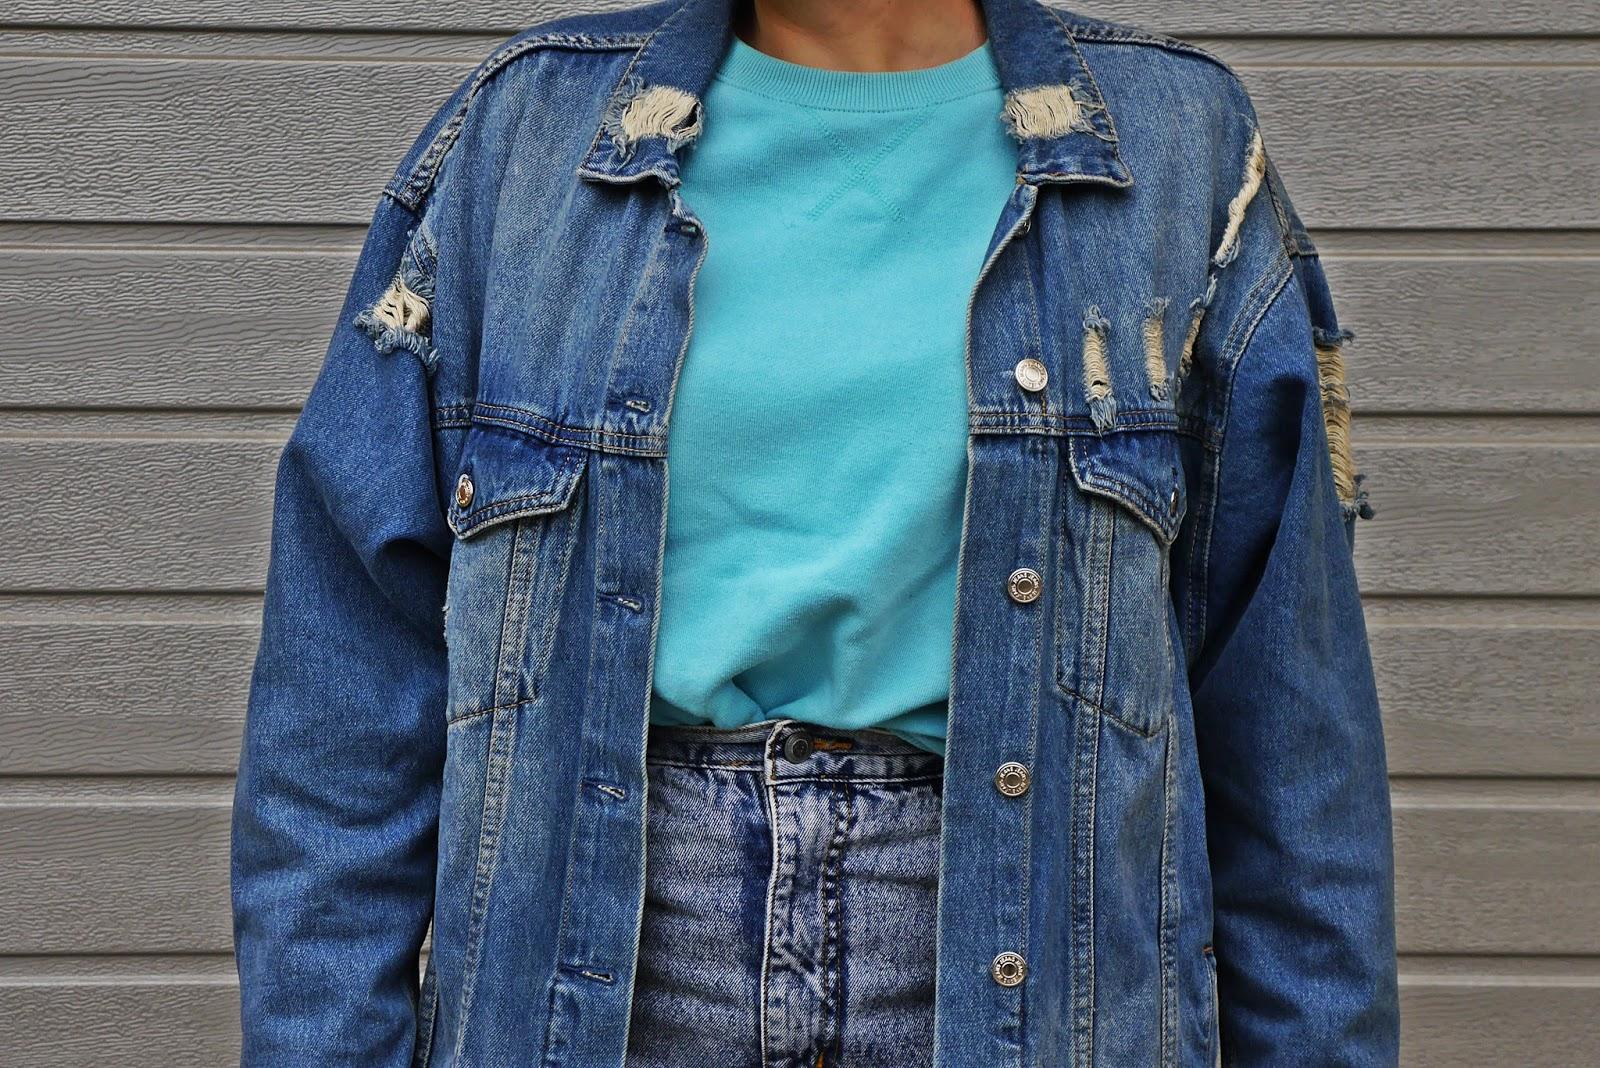 Kozaki renee jeansowa kurtka answear miętowa bluza spódnica karyn blog modowy